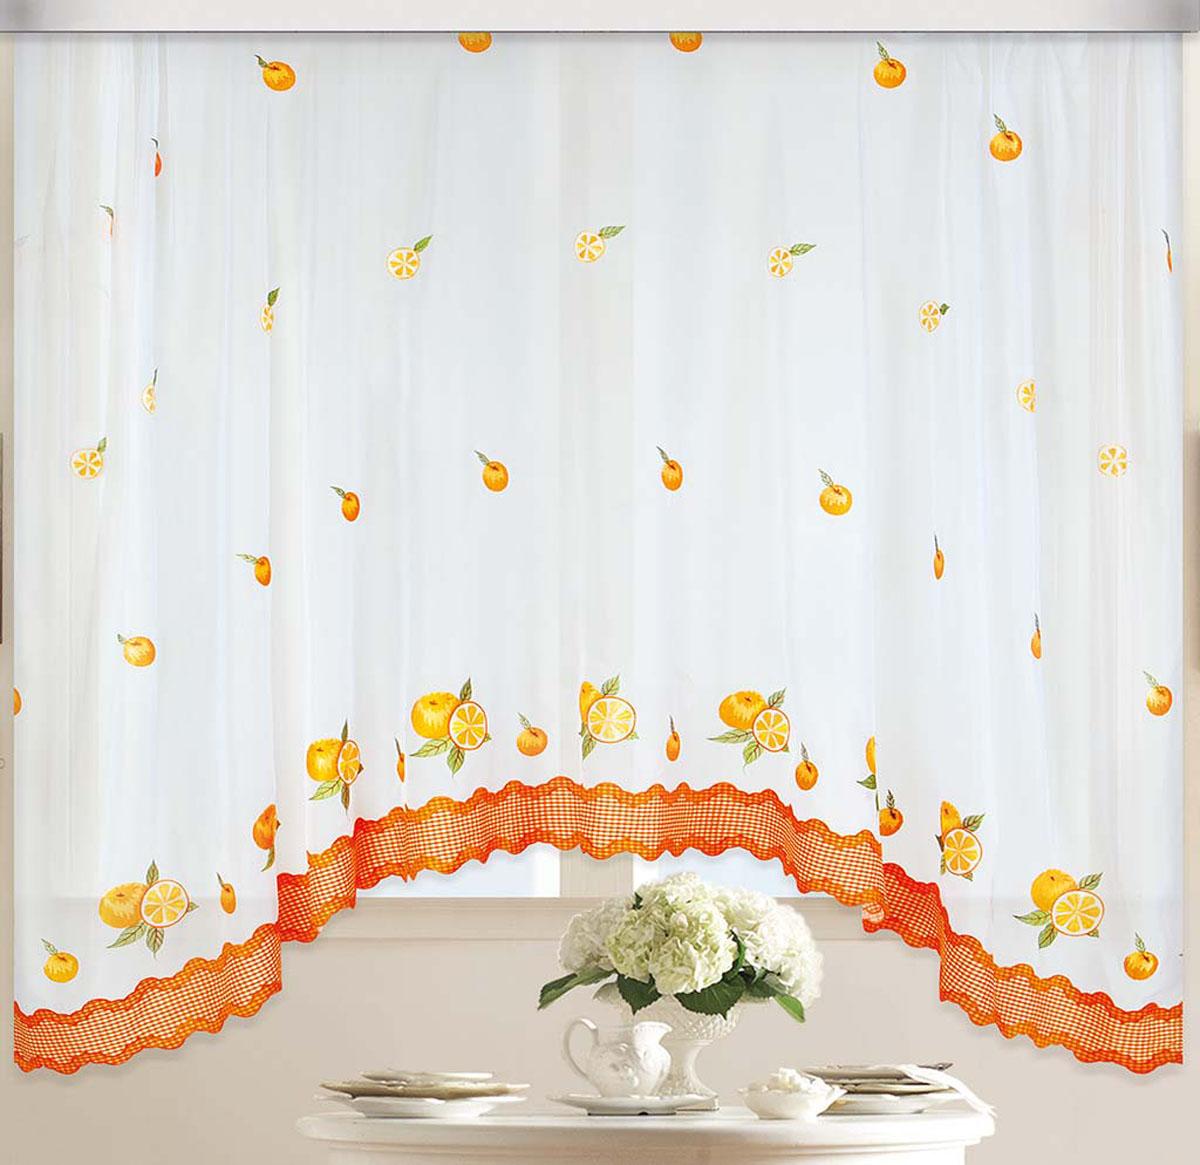 Штора Арка. Апельсин, на ленте, цвет: белый, оранжевый, высота 170 см80979Вуалевое полотно с вышивкой. Стирка не более 30 градусов